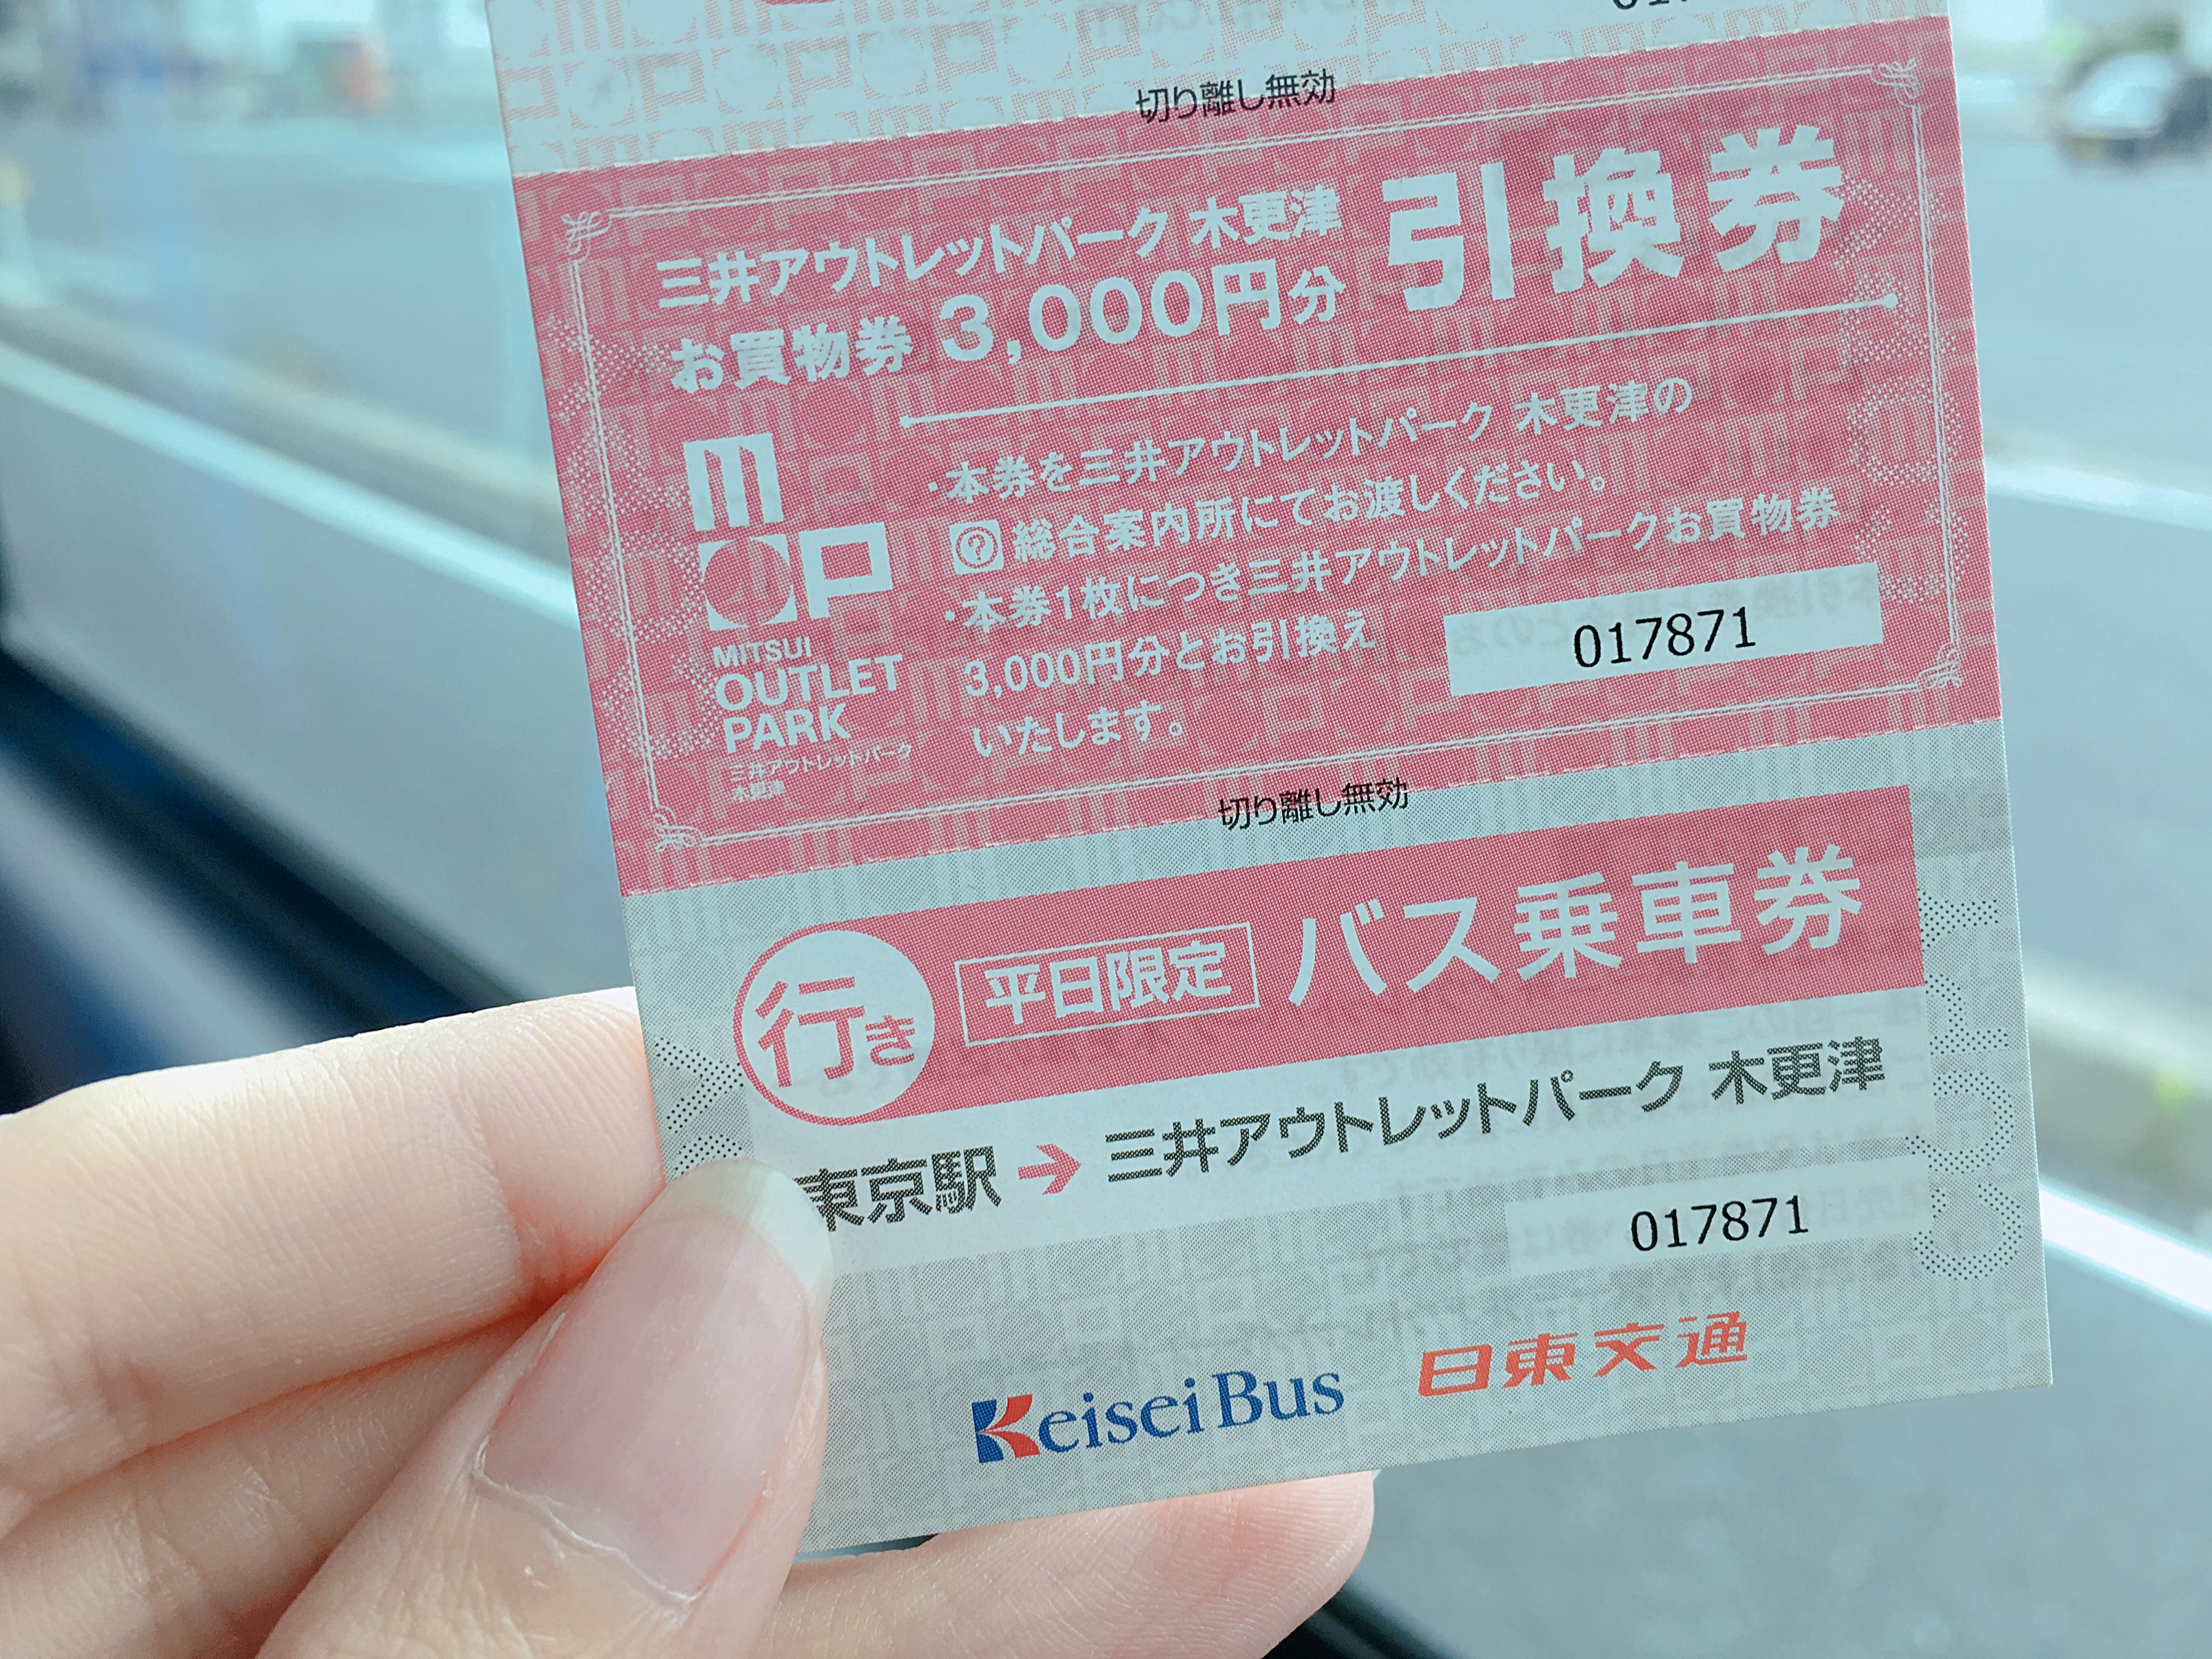 京成バスバス乗車券&お買い物券引換券